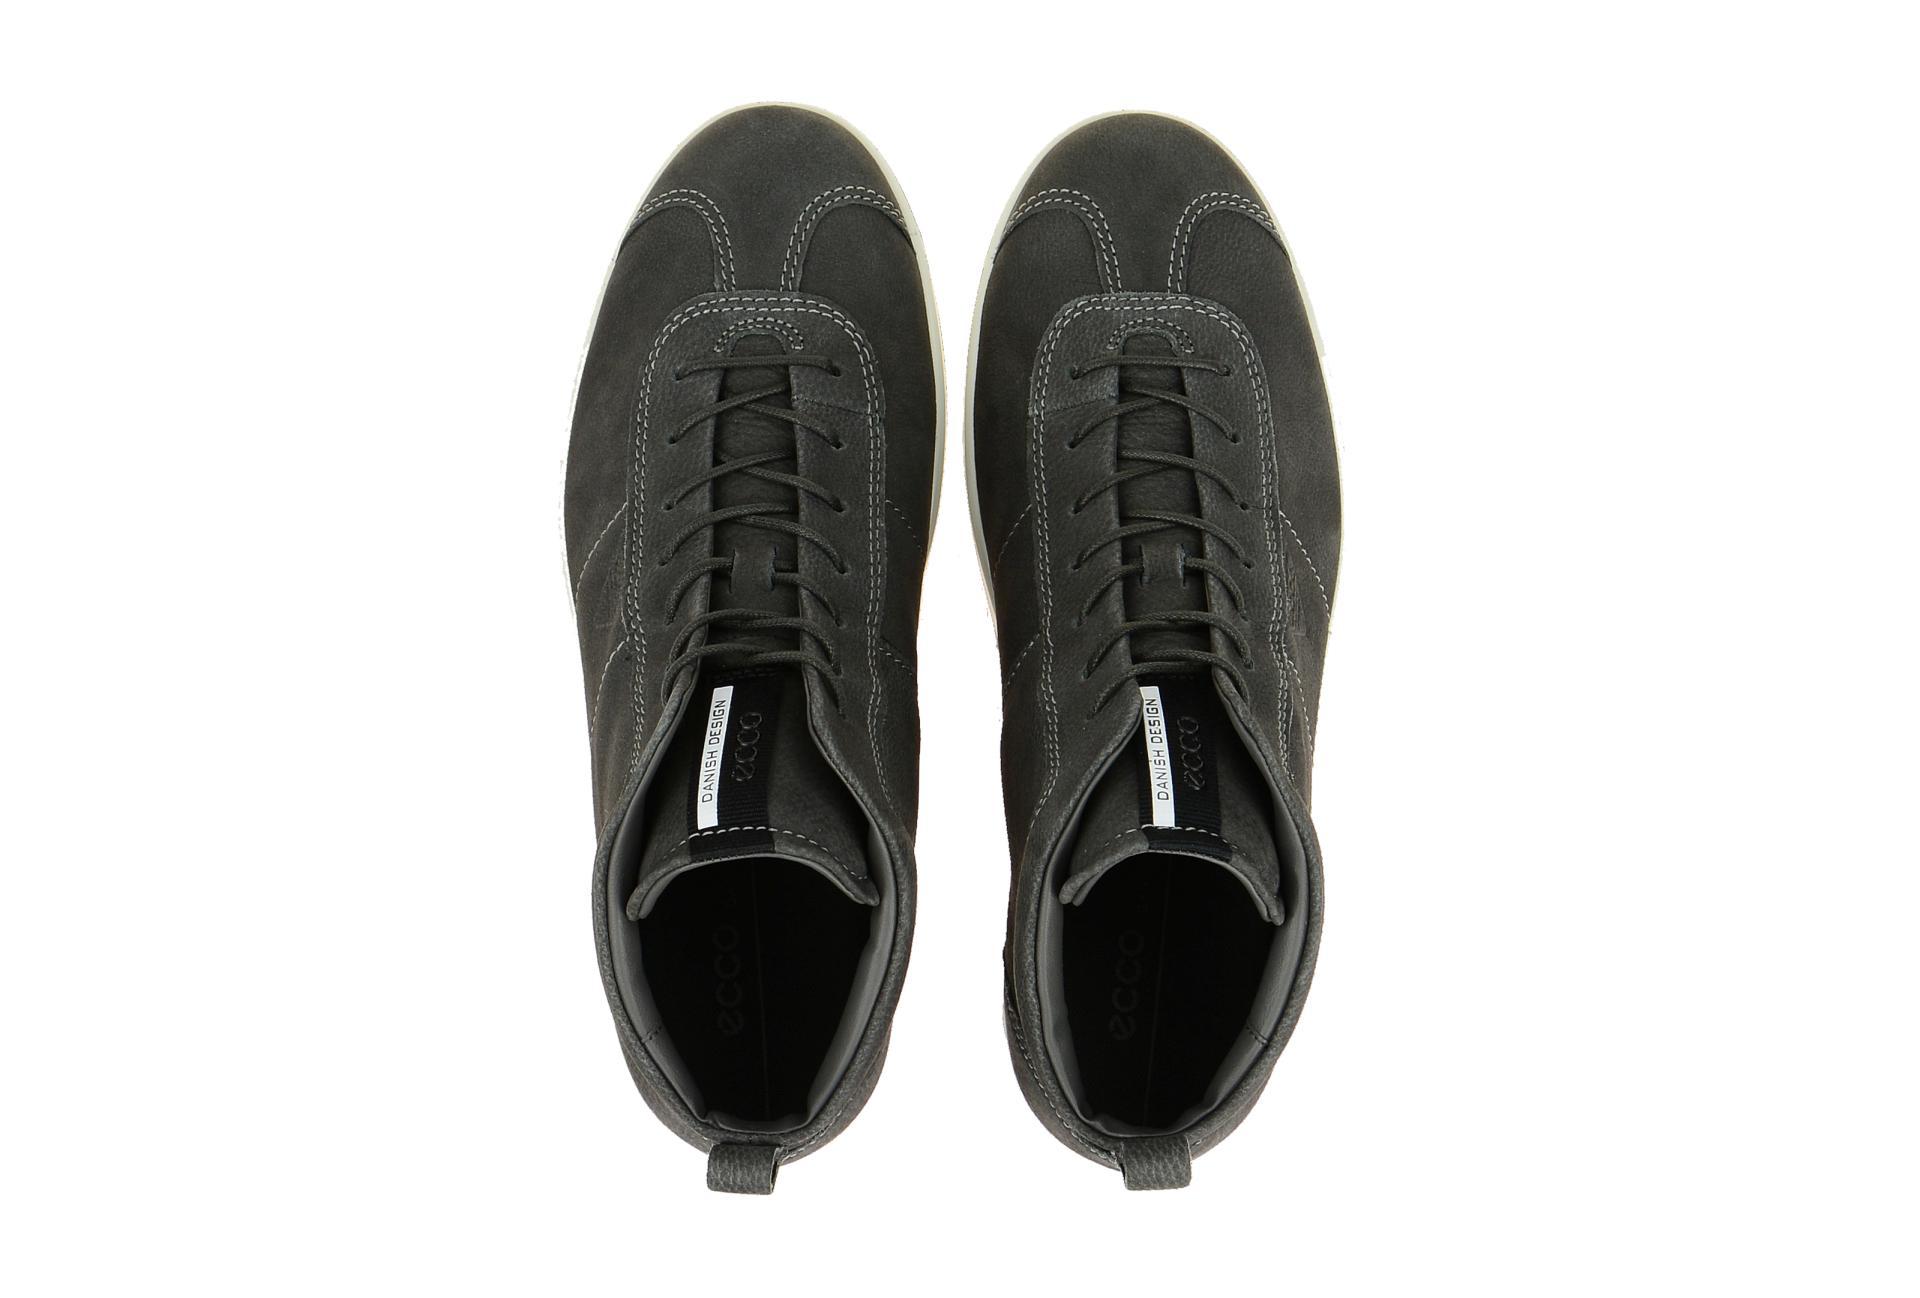 40052402602 Komfort Stiefel von Ecco